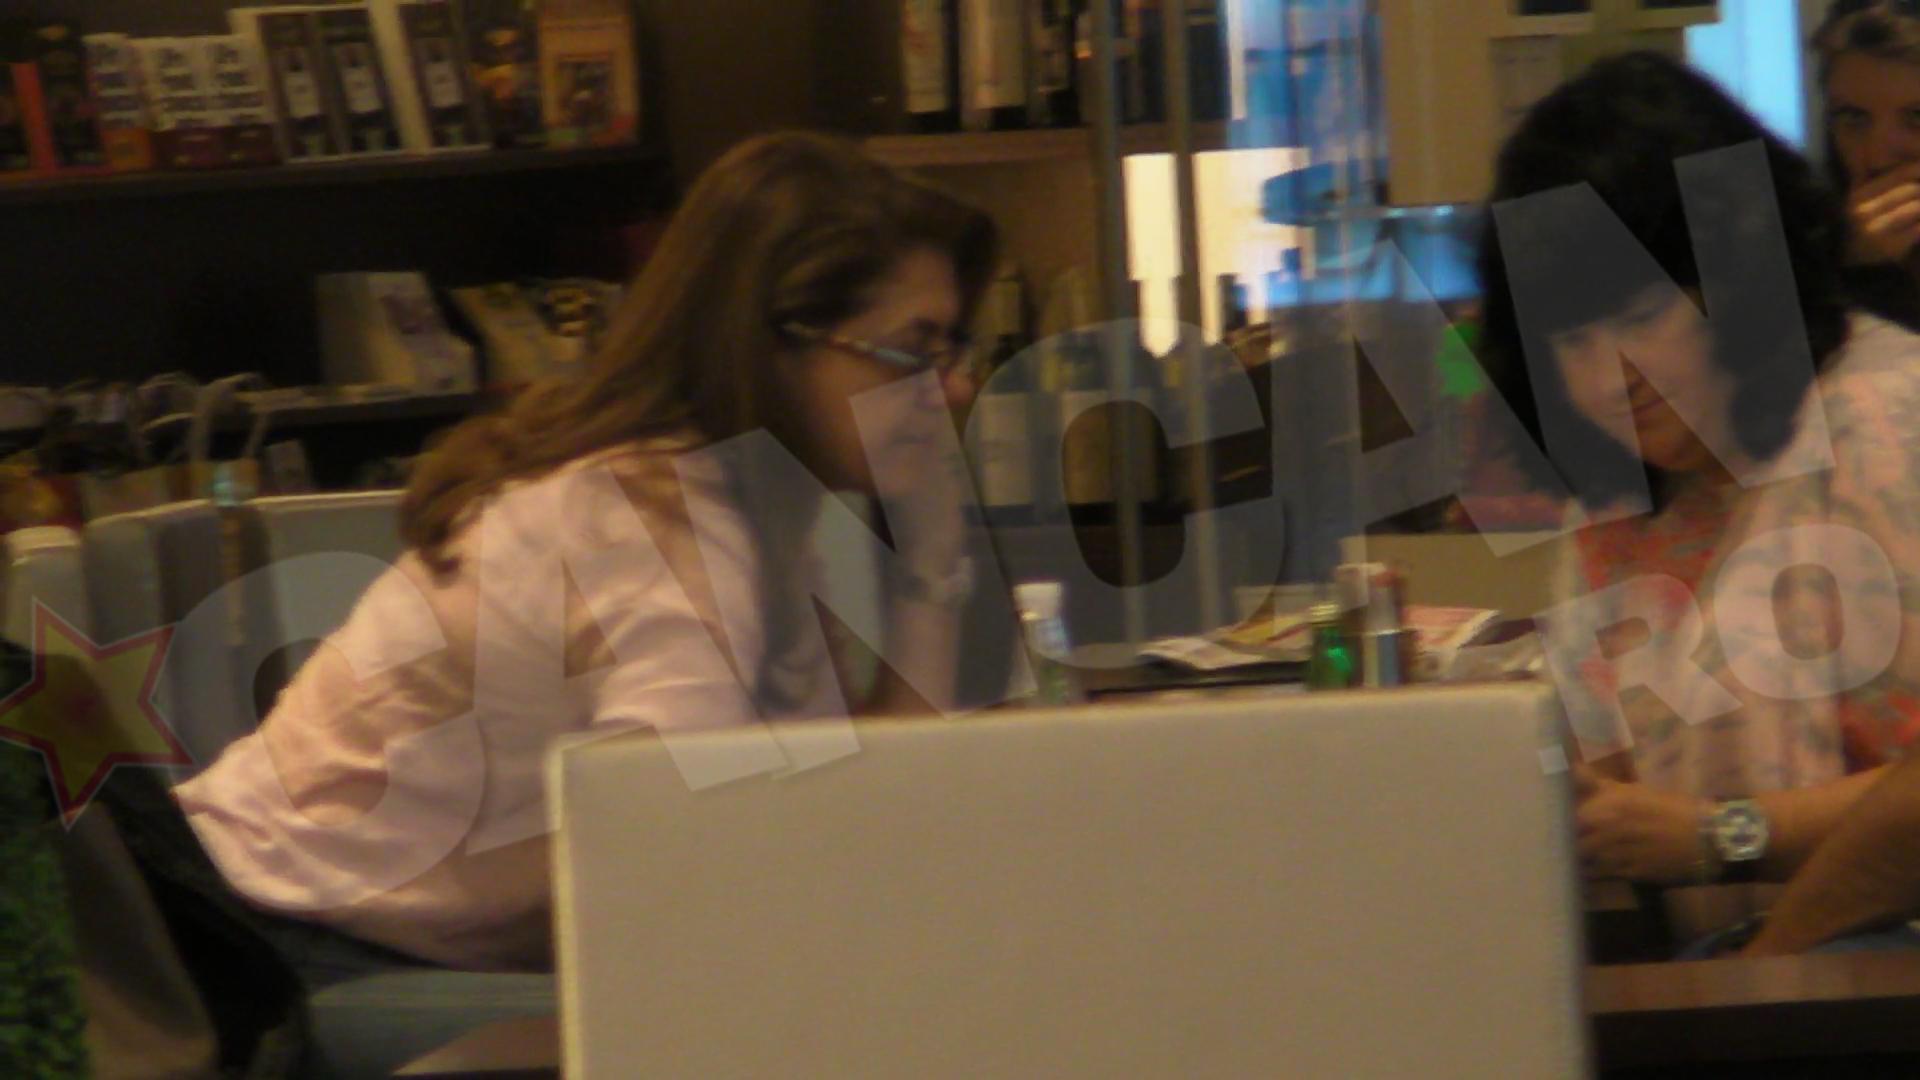 Cealalta femeie de la masa ii arata si ea ceva pe telefonul ei